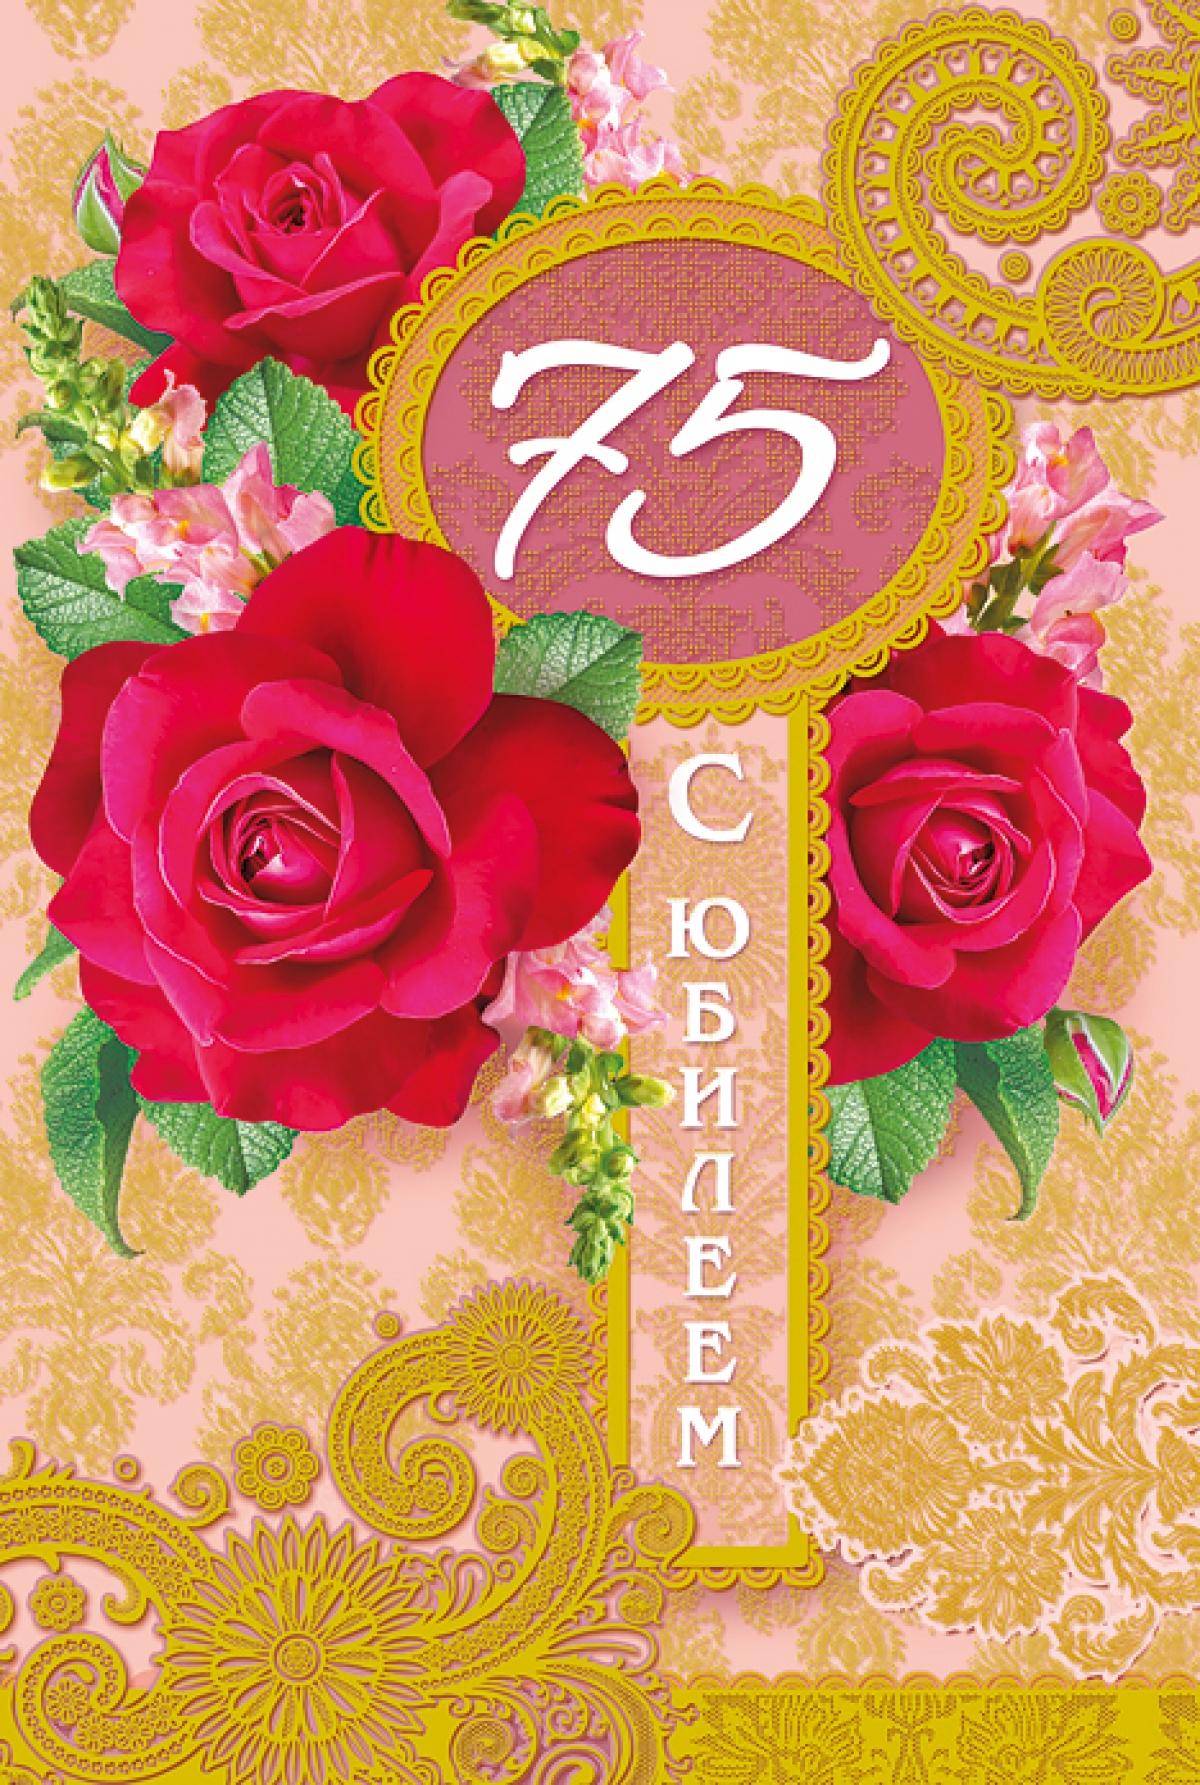 Поздравление на открытке на татарском языке